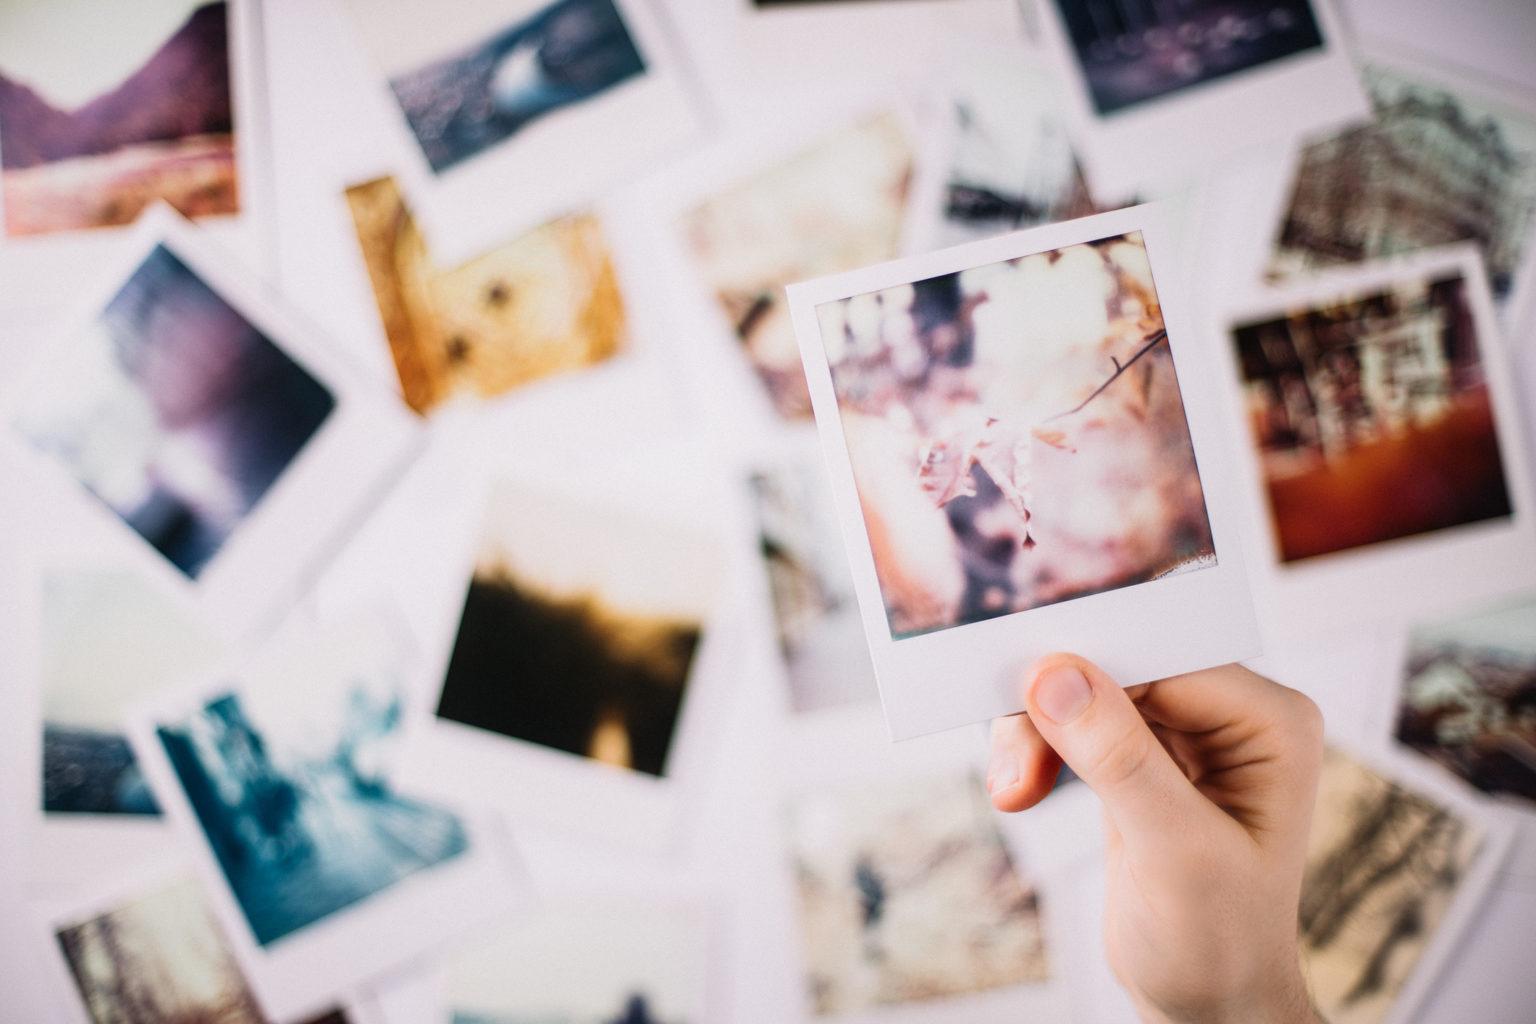 Beim Visualisieren helfen Bilder, die ihr euch regelmäßig anschaut, um euch emotional in die jeweilige Situation hineinversetzen zu können. Bild: Getty Images / Chris_Kreymborg